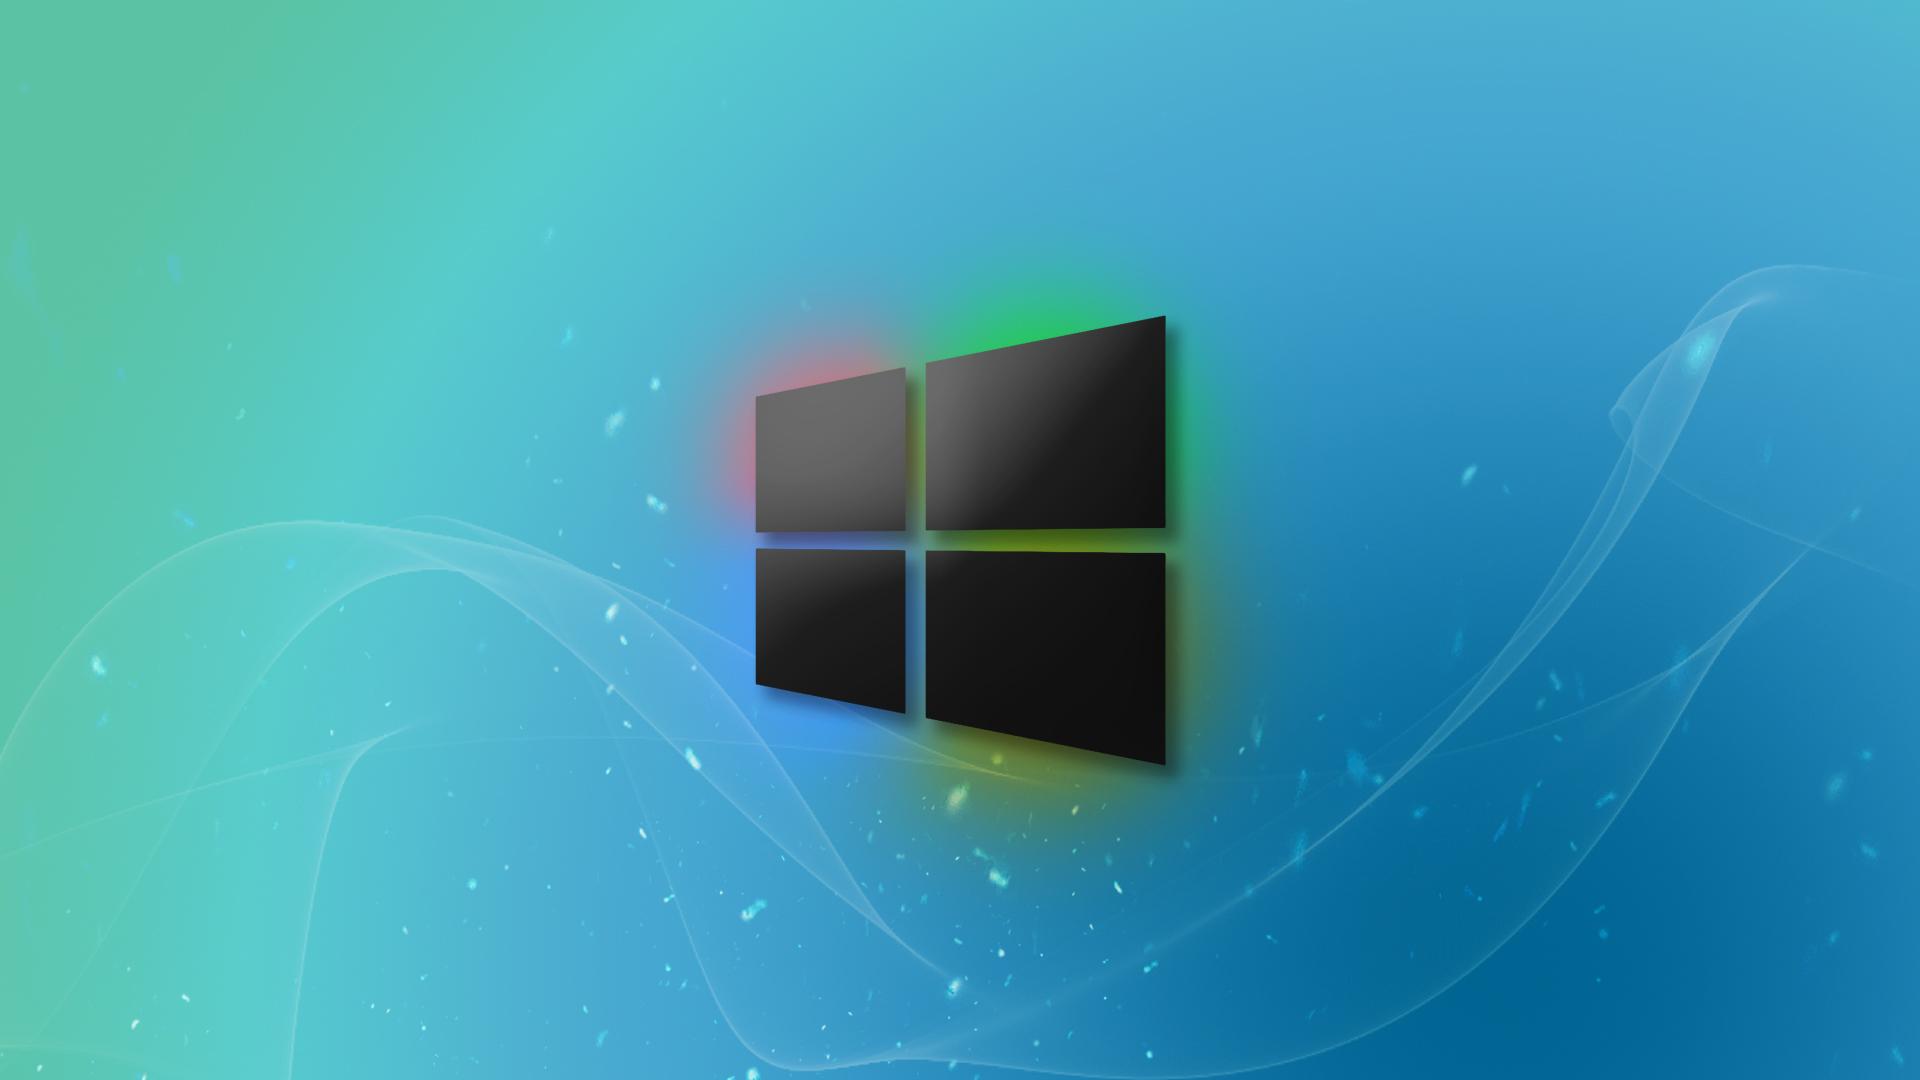 coders windows fan - photo #2